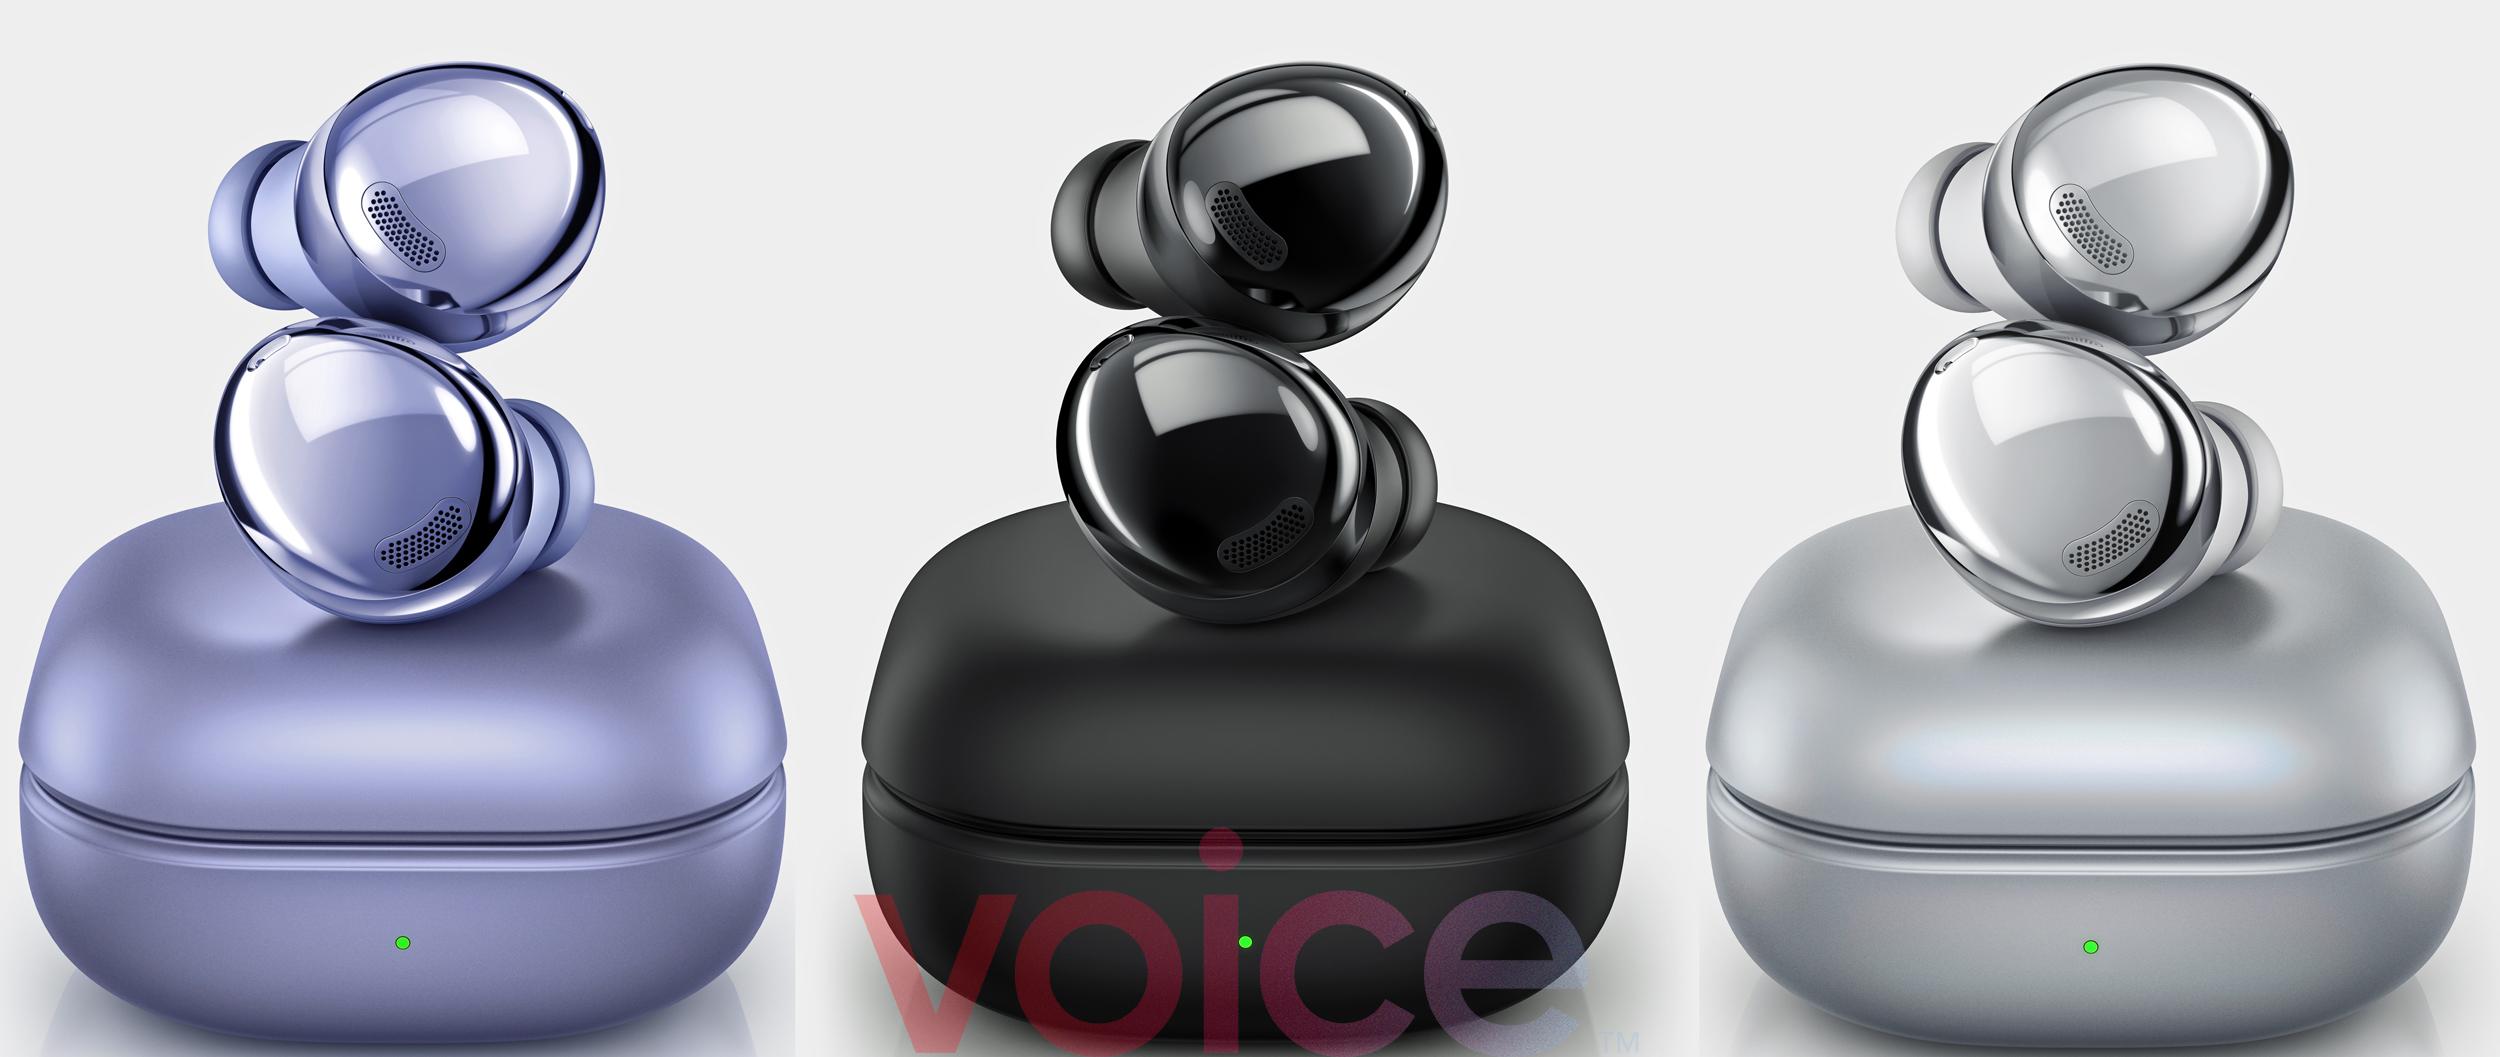 Samsung Galaxy Buds Pro: les écouteurs déjà en vente sur Facebook avant leur annonce